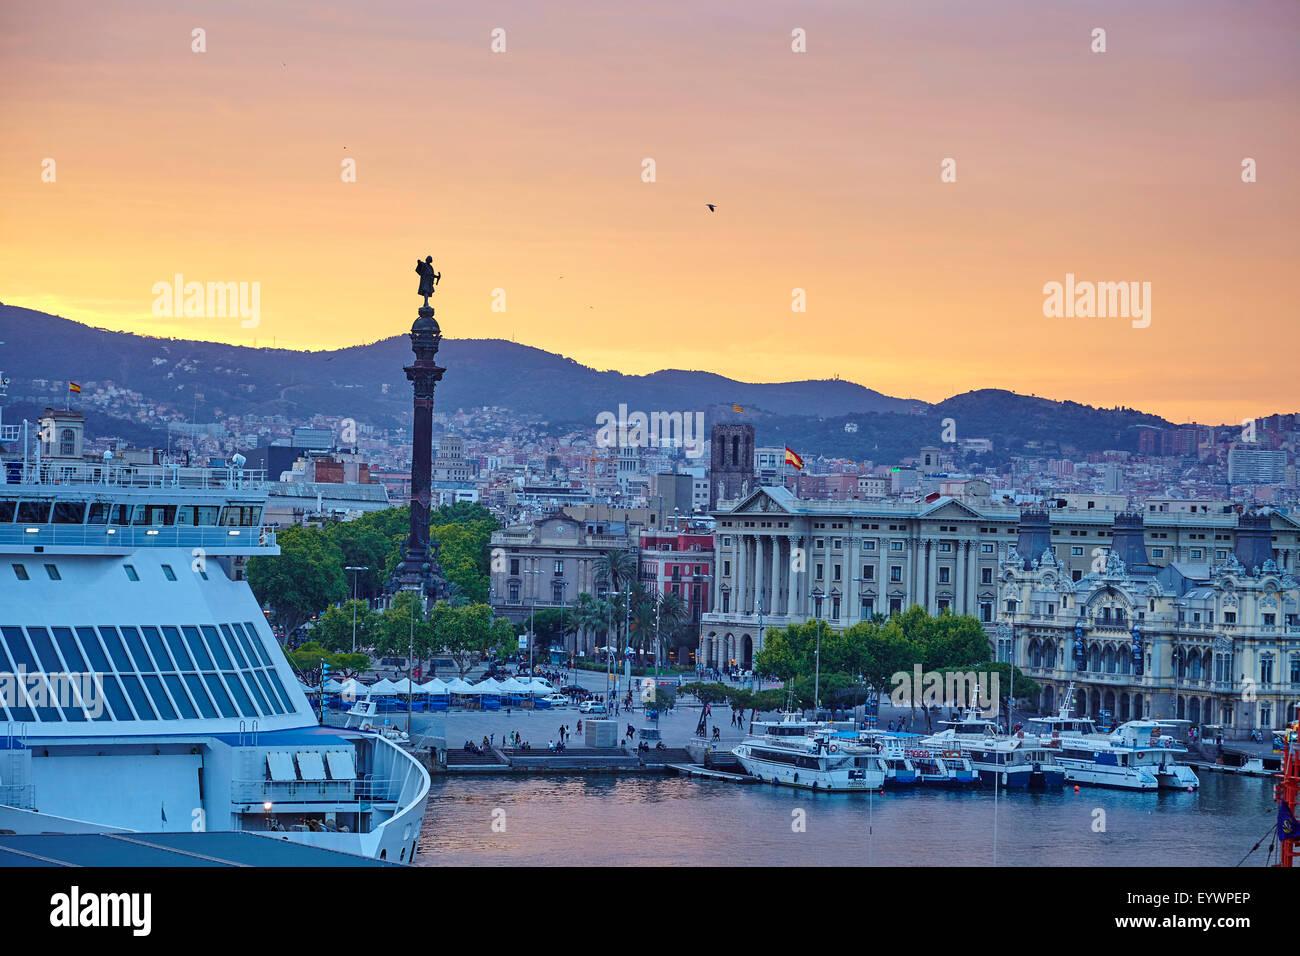 Port de plaisance de Barcelone, Barcelone, Catalogne, Espagne, Europe Photo Stock